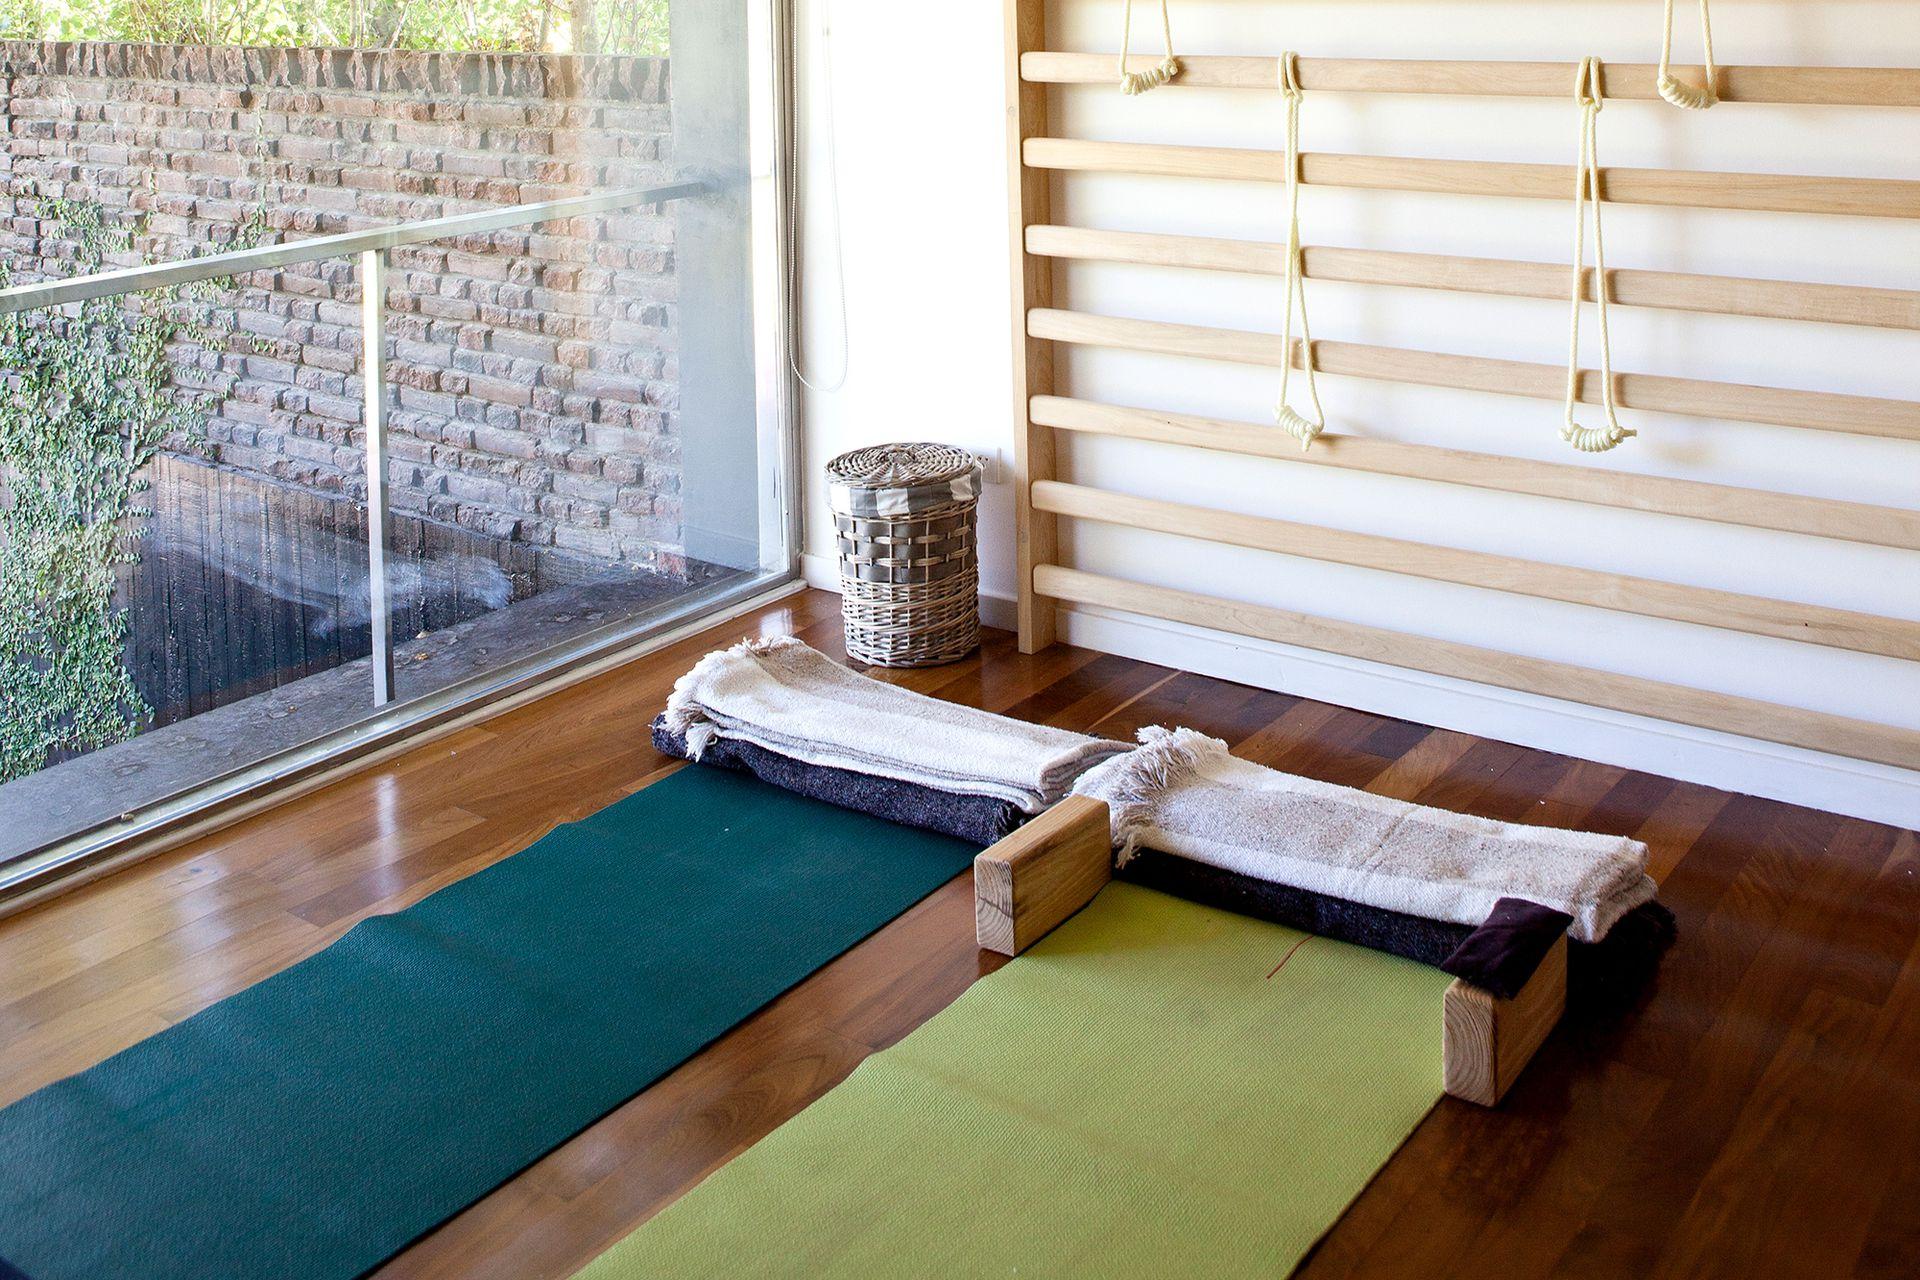 Entusiasta del yoga y amante de los deportes acuáticos, el dueño de casa se reservó un espacio para ejercitarse y guardar sus equipos.